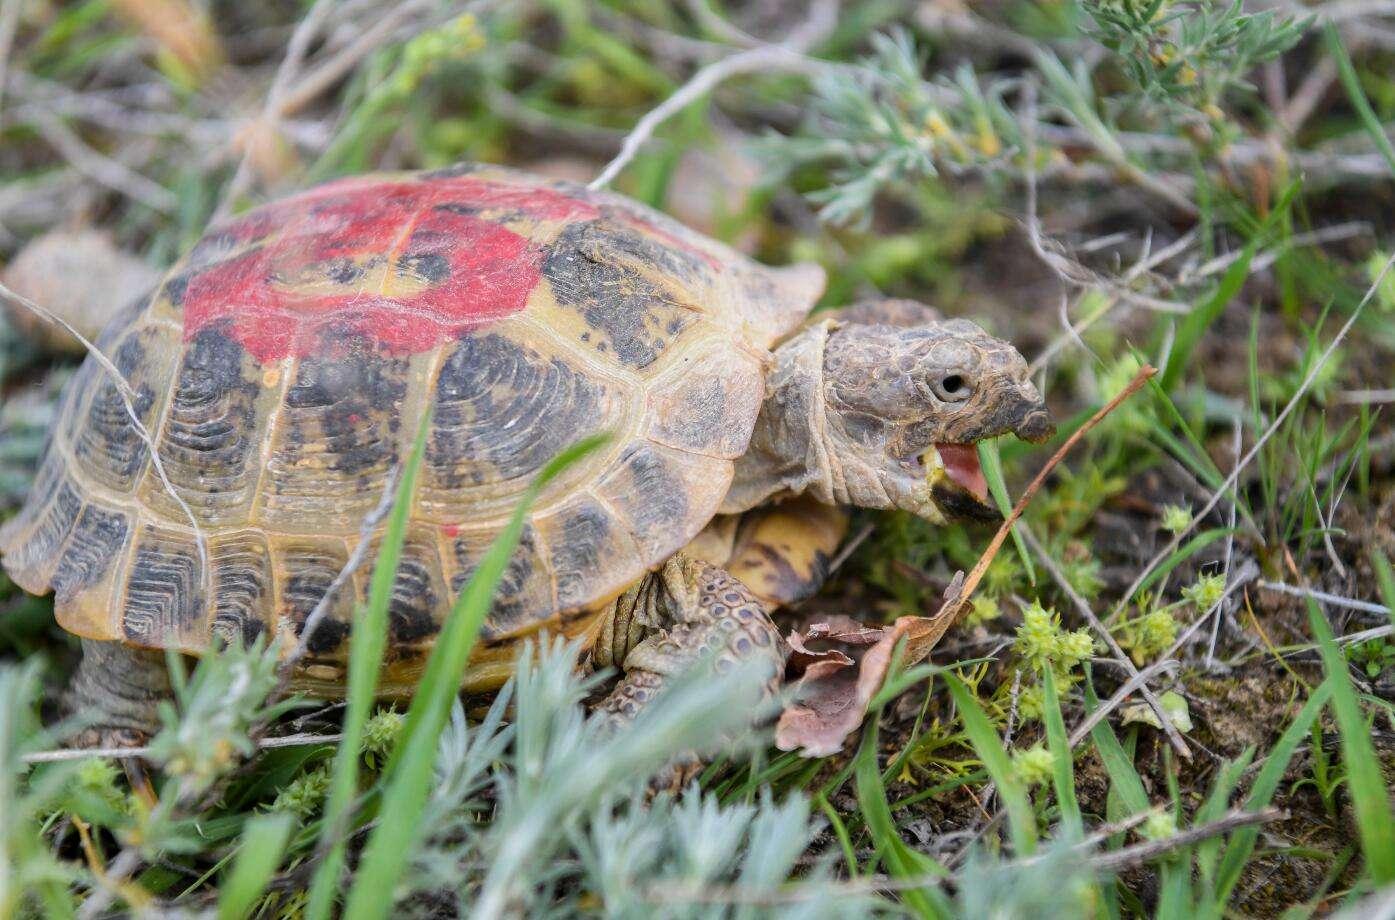 四爪陆龟是保护动物吗